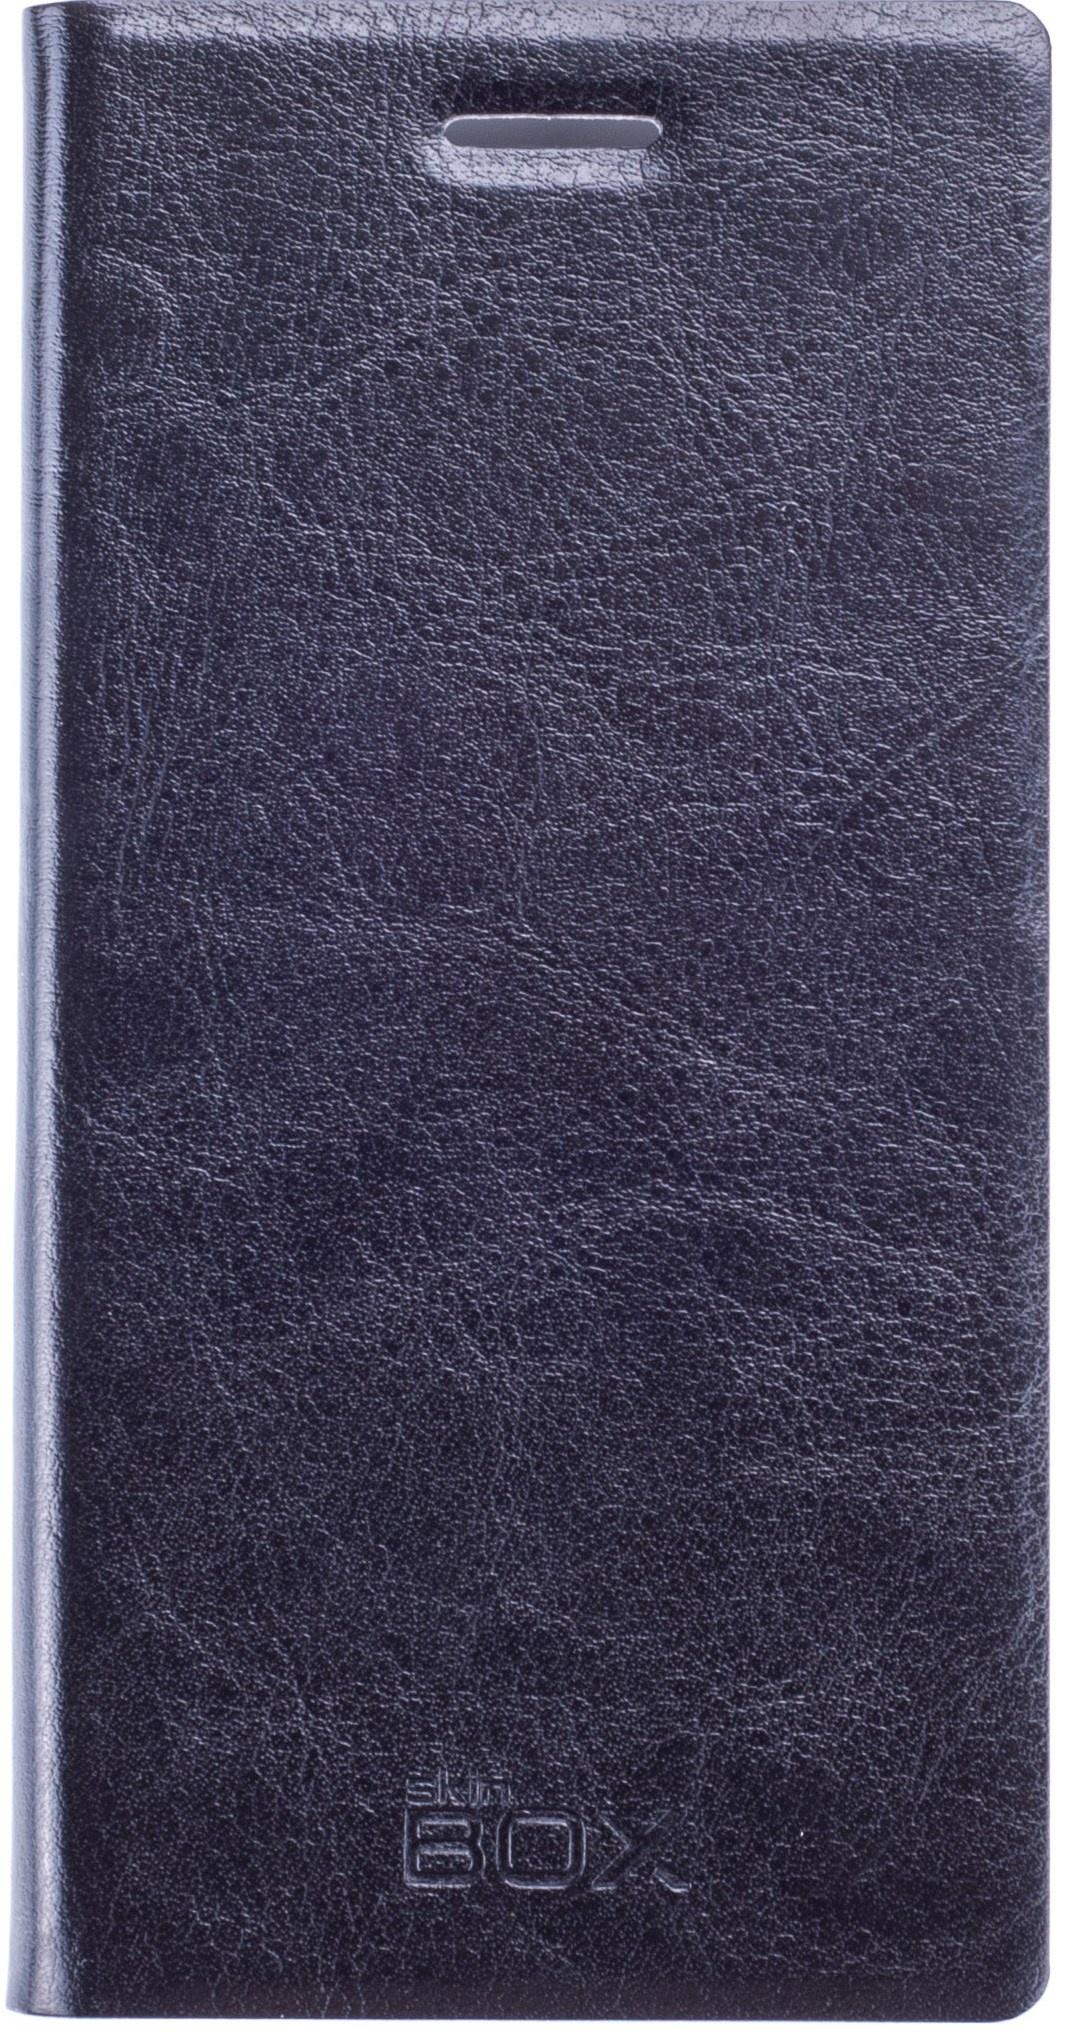 Чехол для сотового телефона skinBOX Lux, 4660041406788, черный все цены